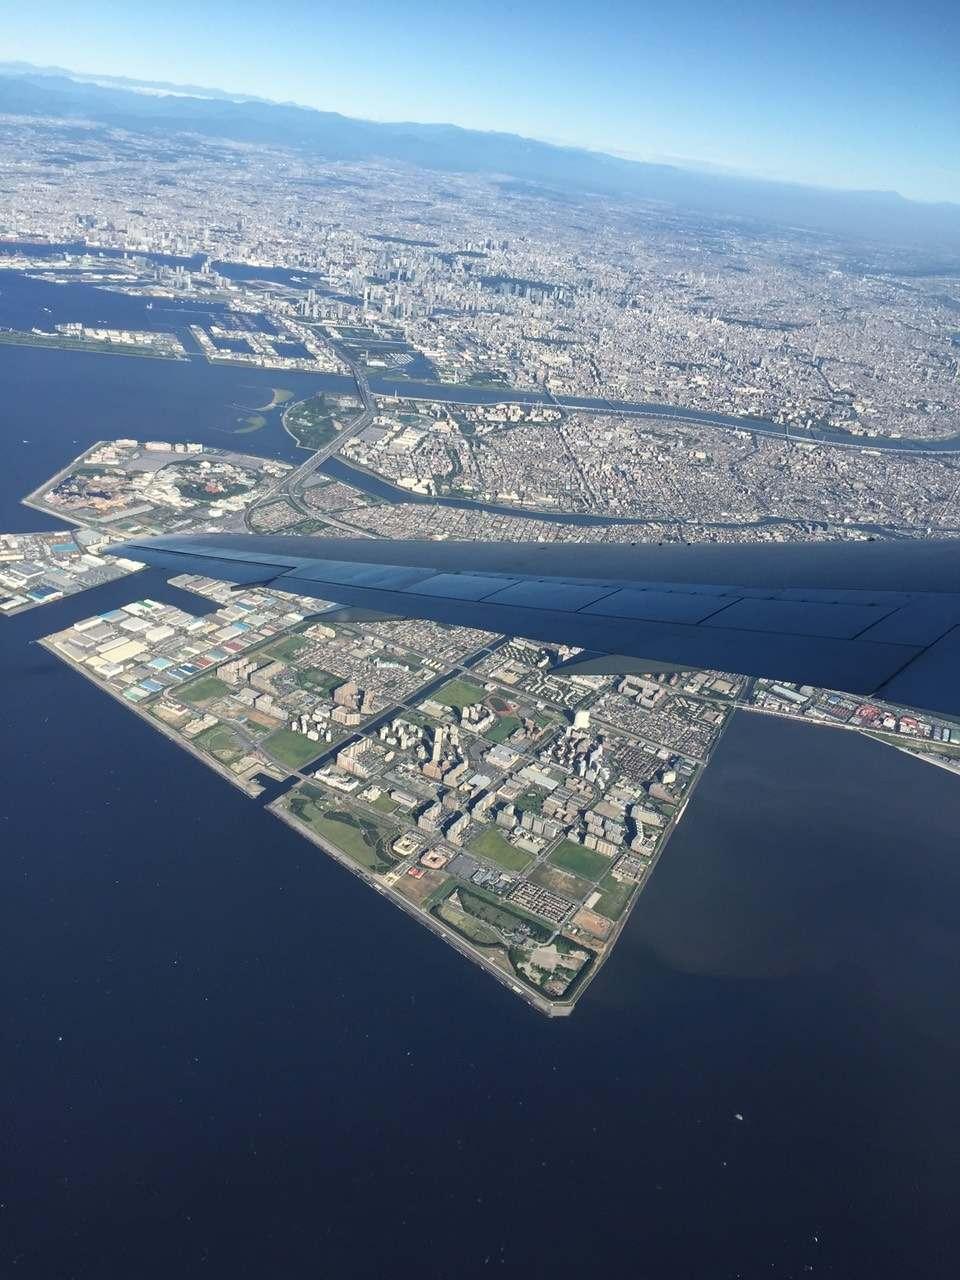 日本国内の空港で一番見応えあり!?撮影スポット満載の新千歳空港☆